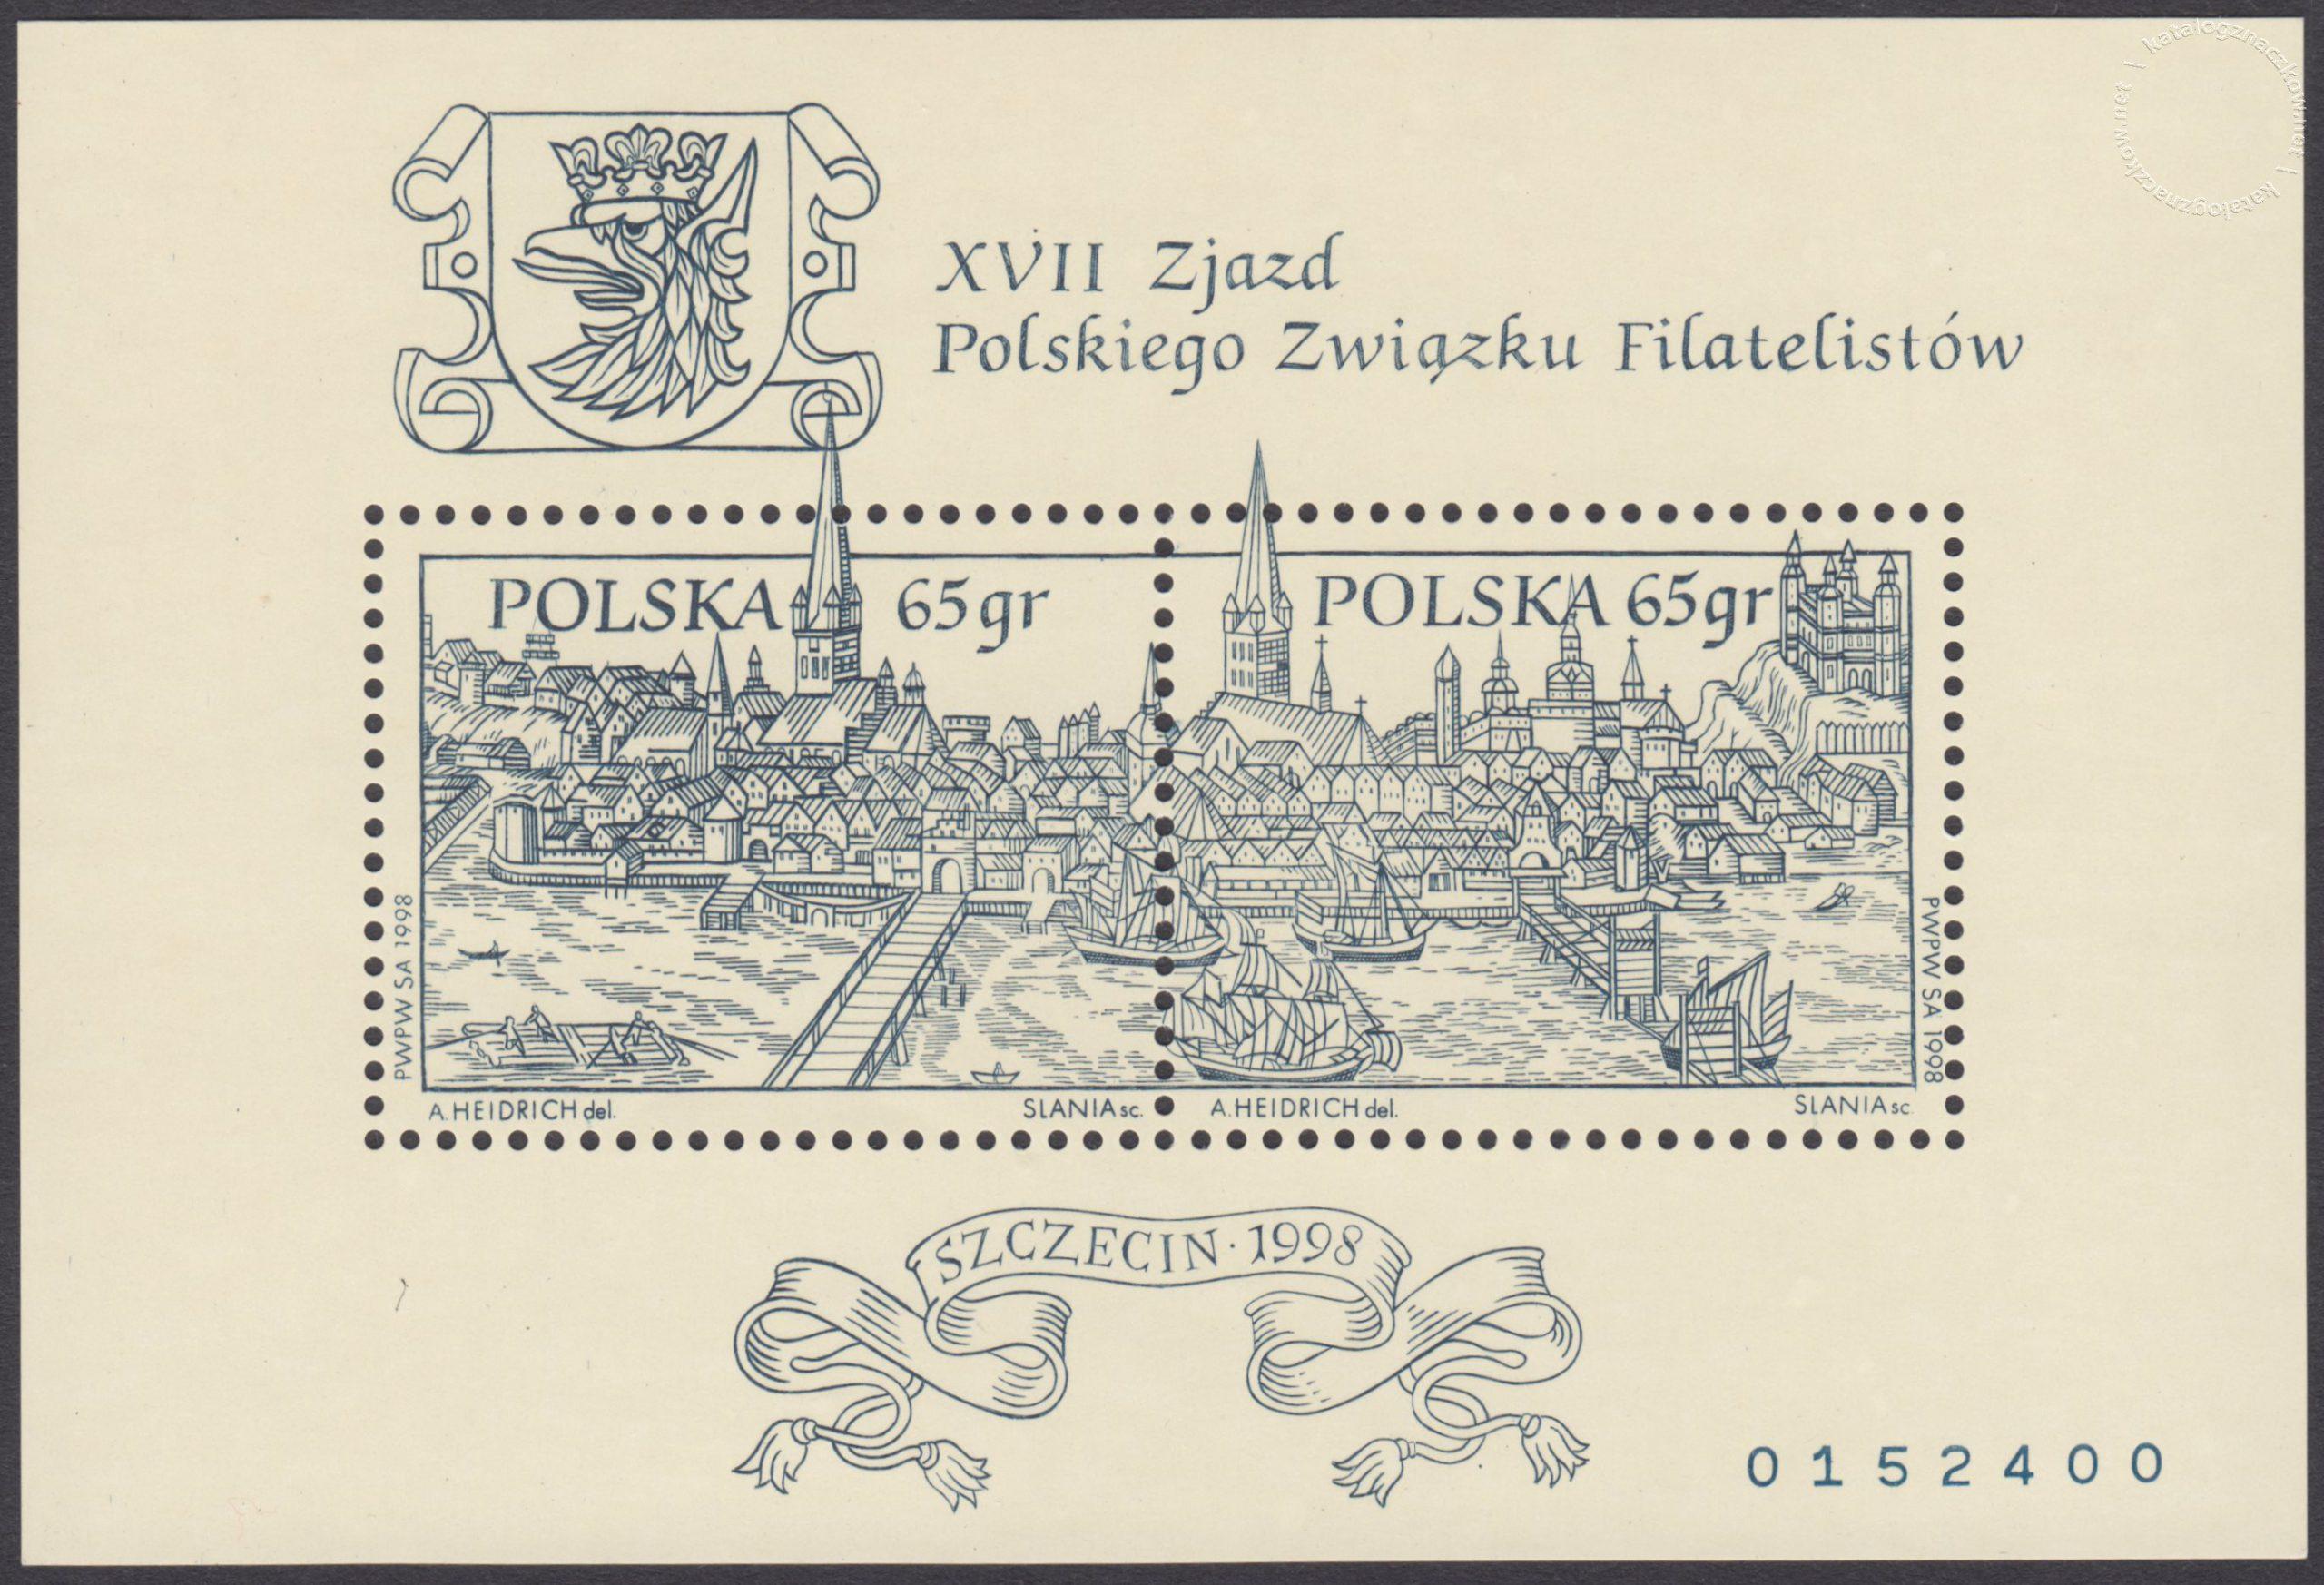 XVII Zjazd Polskiego Związku Filatelistów – Blok 11